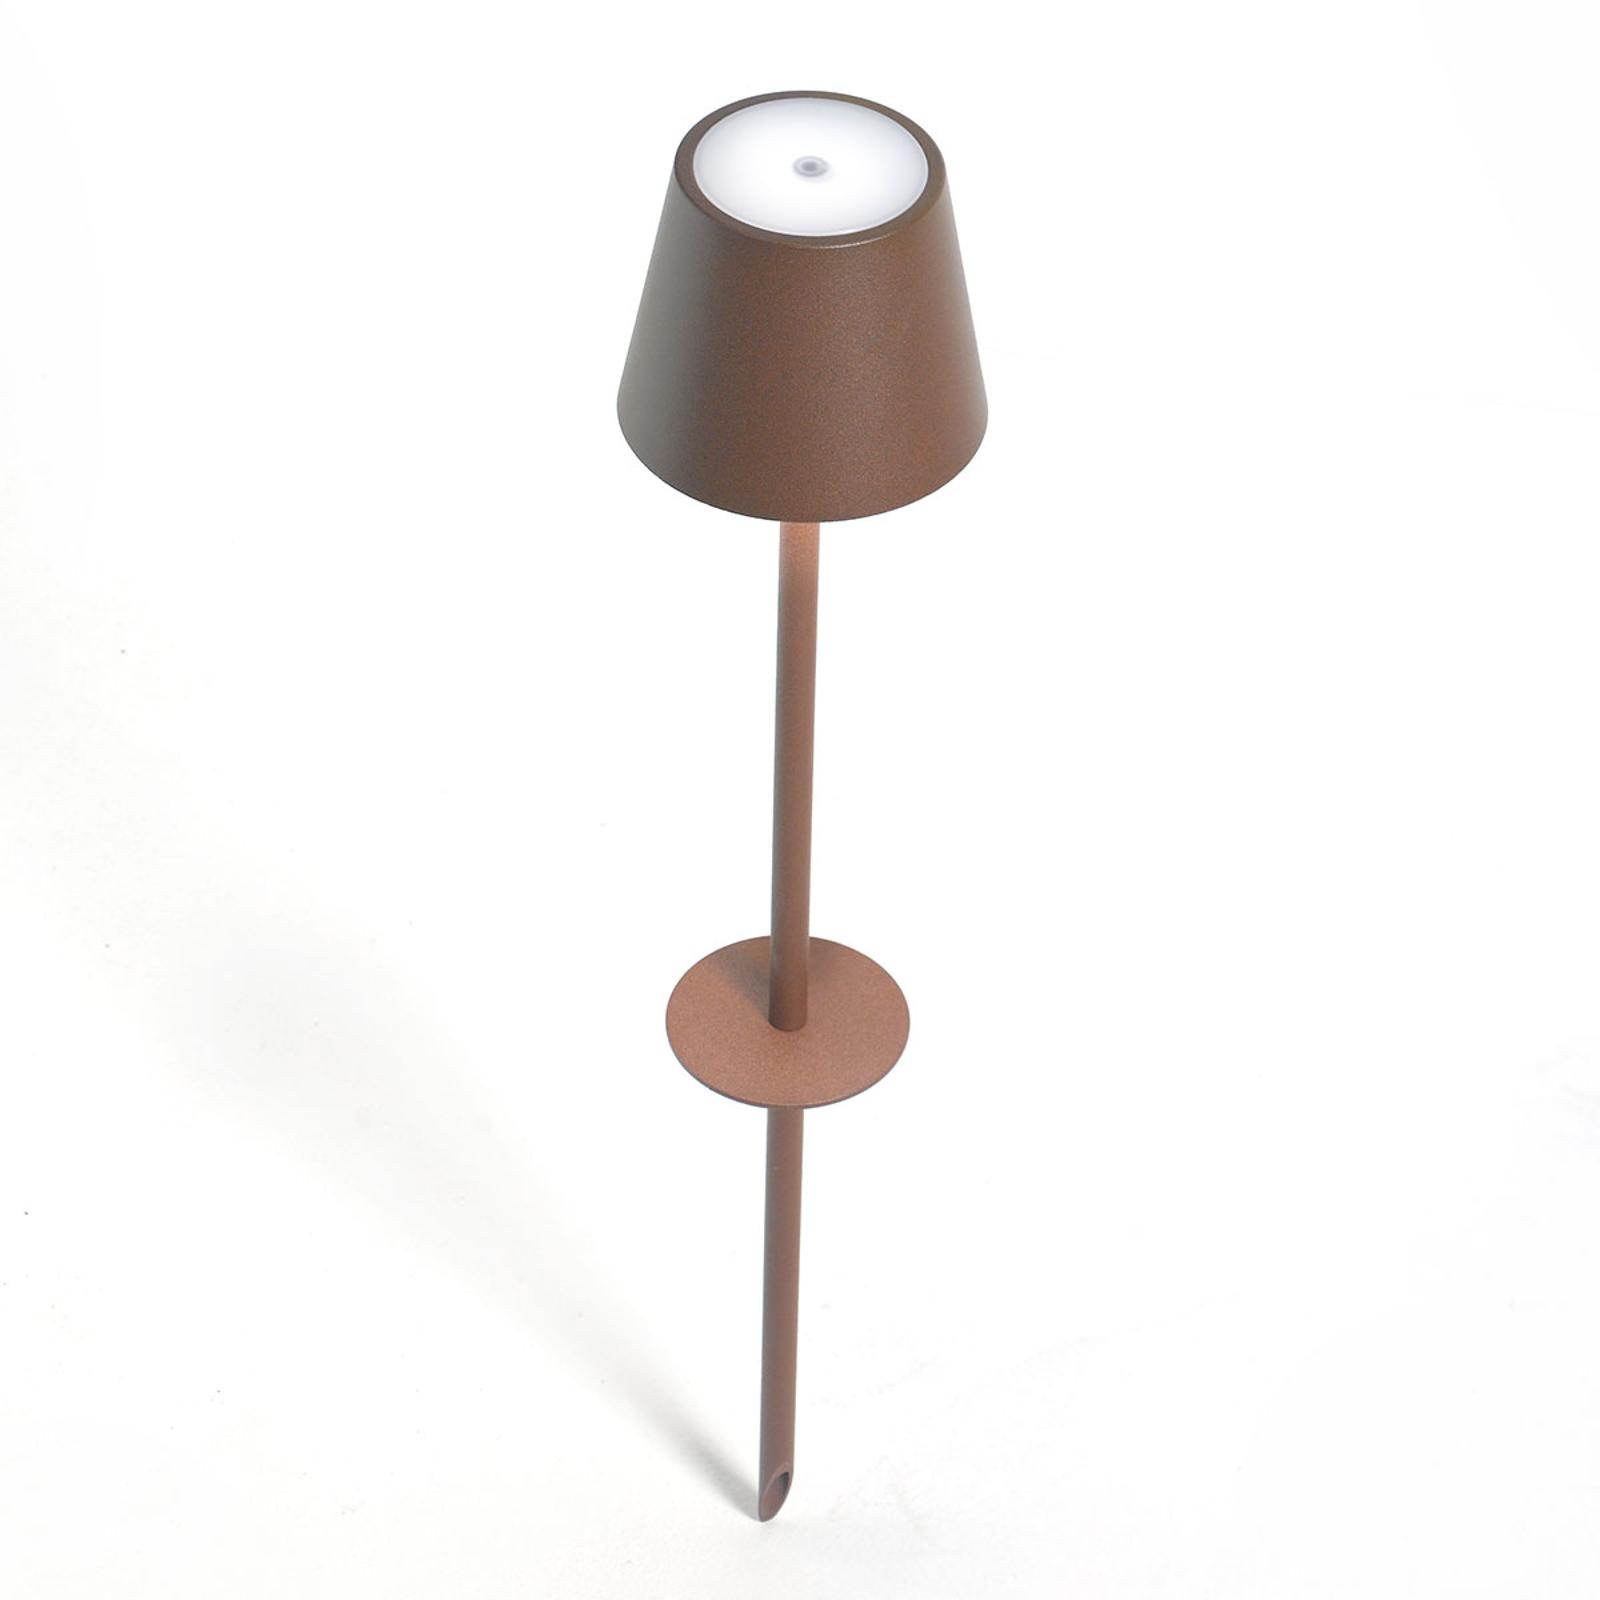 Picchetto LED Poldina a batteria, marrone 110 cm